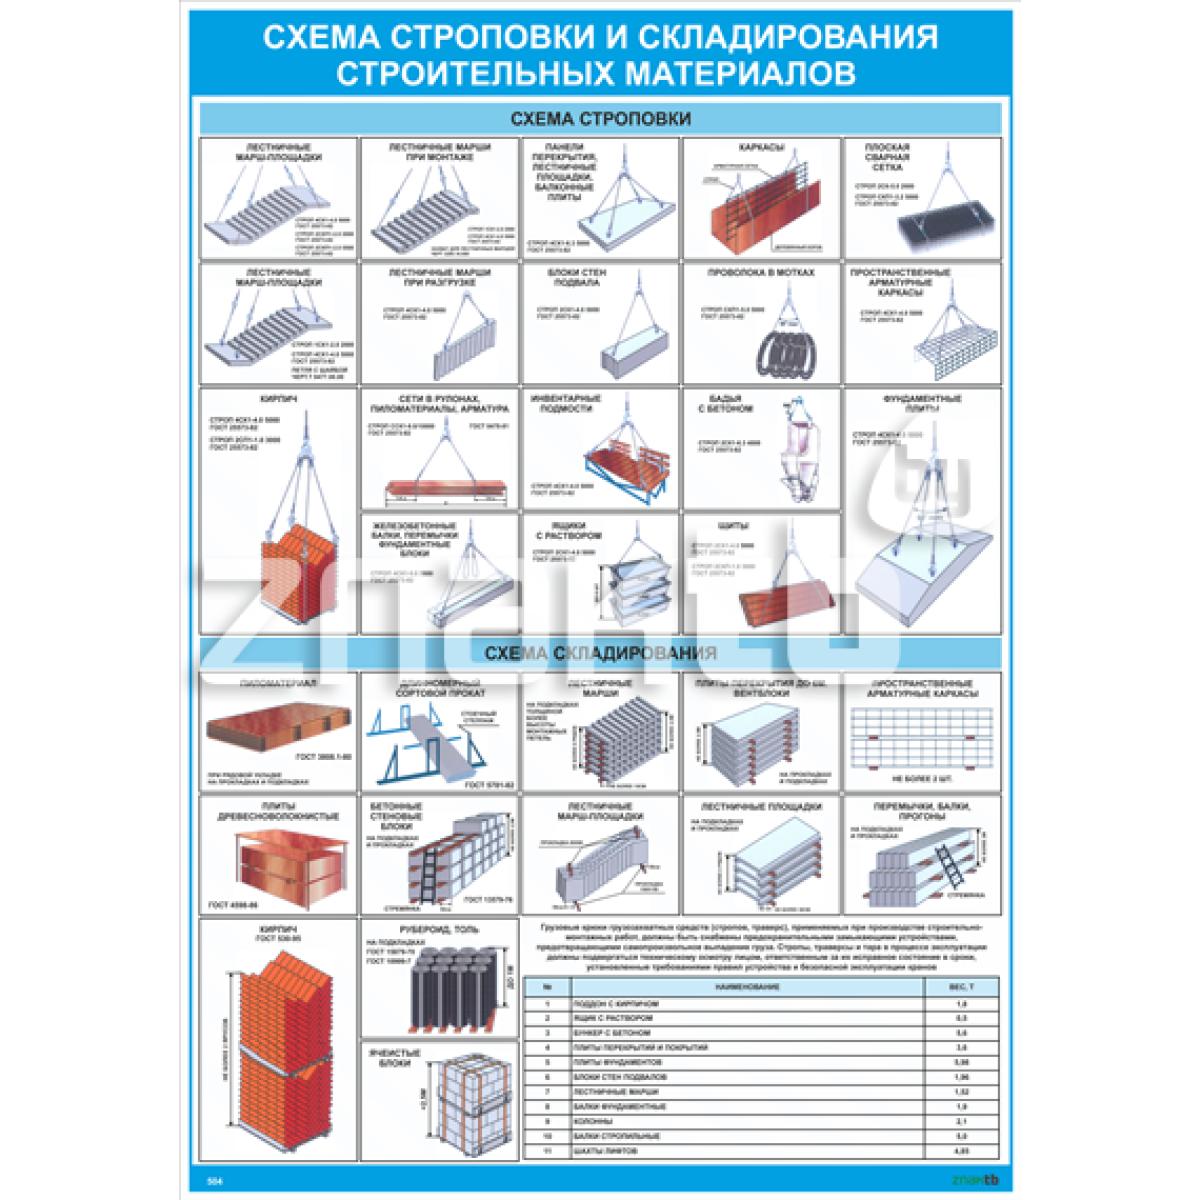 2504 Схема строповки и складирования строительных материалов